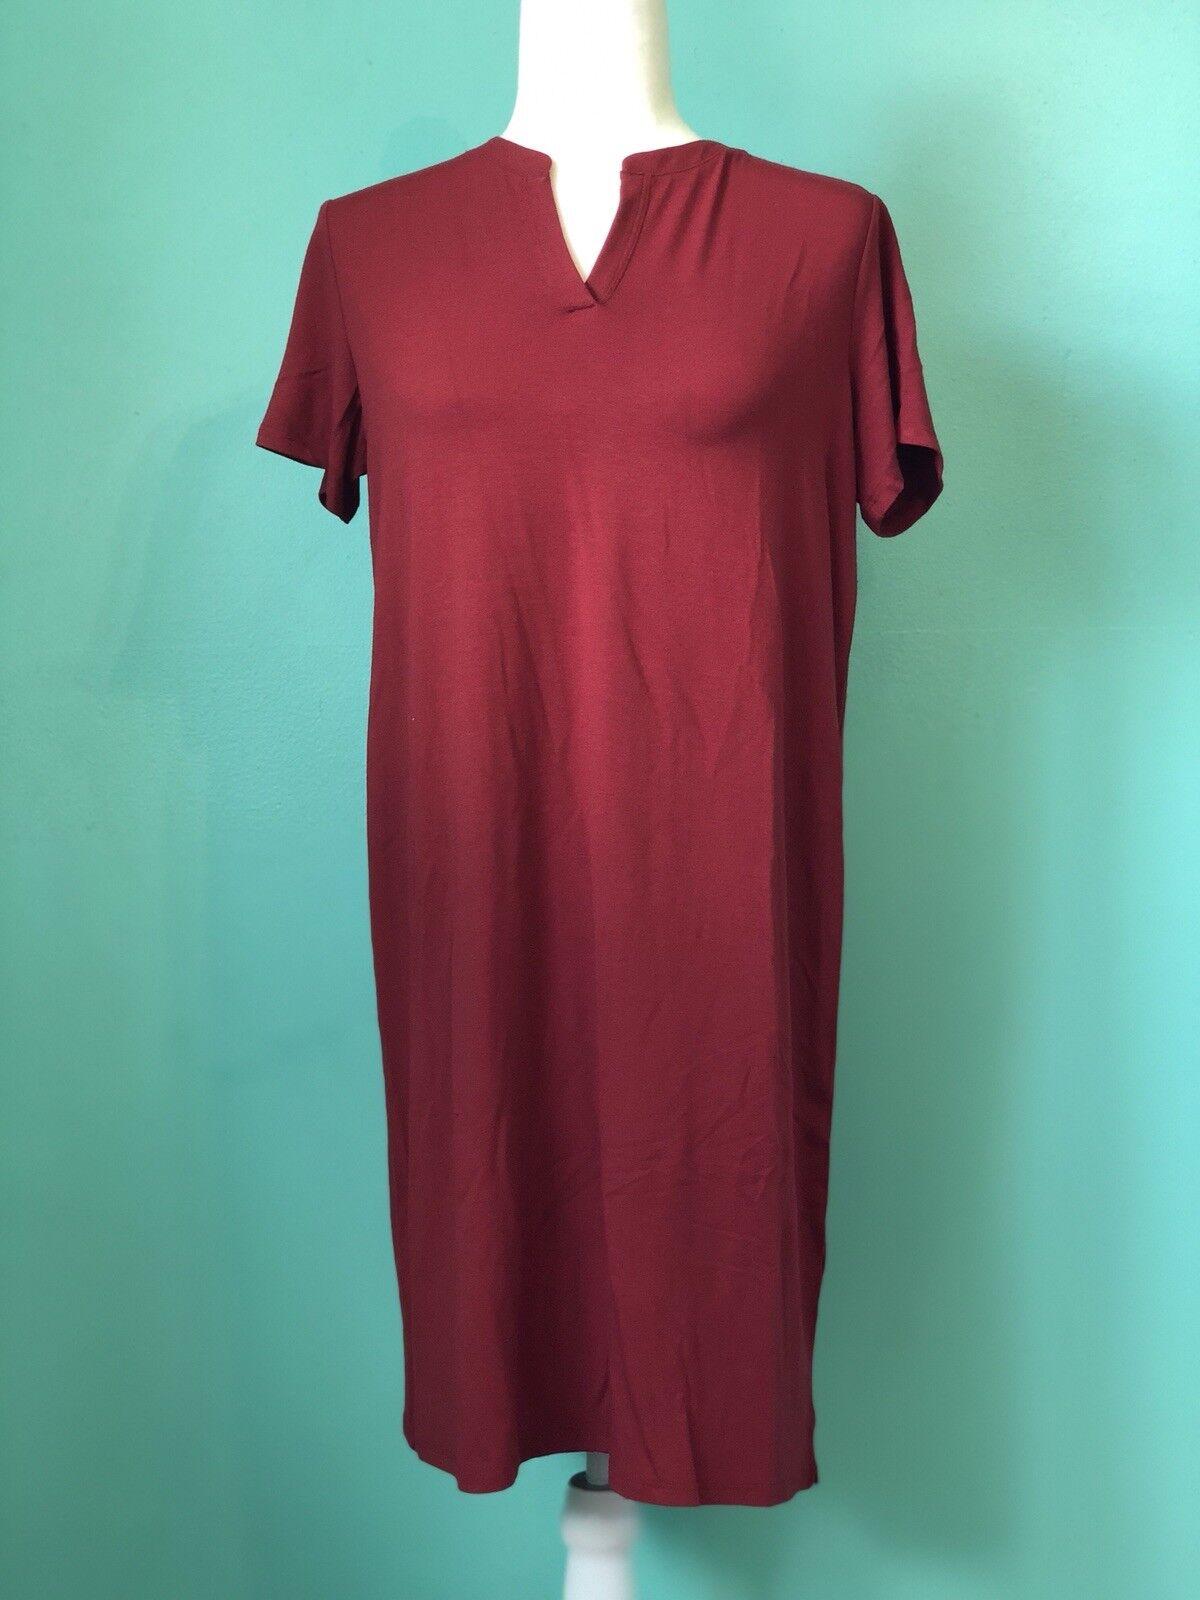 NWT  Eileen Fisher Collar Summer Jersey T-Shirt Dress Flowy Mandarin S NEW